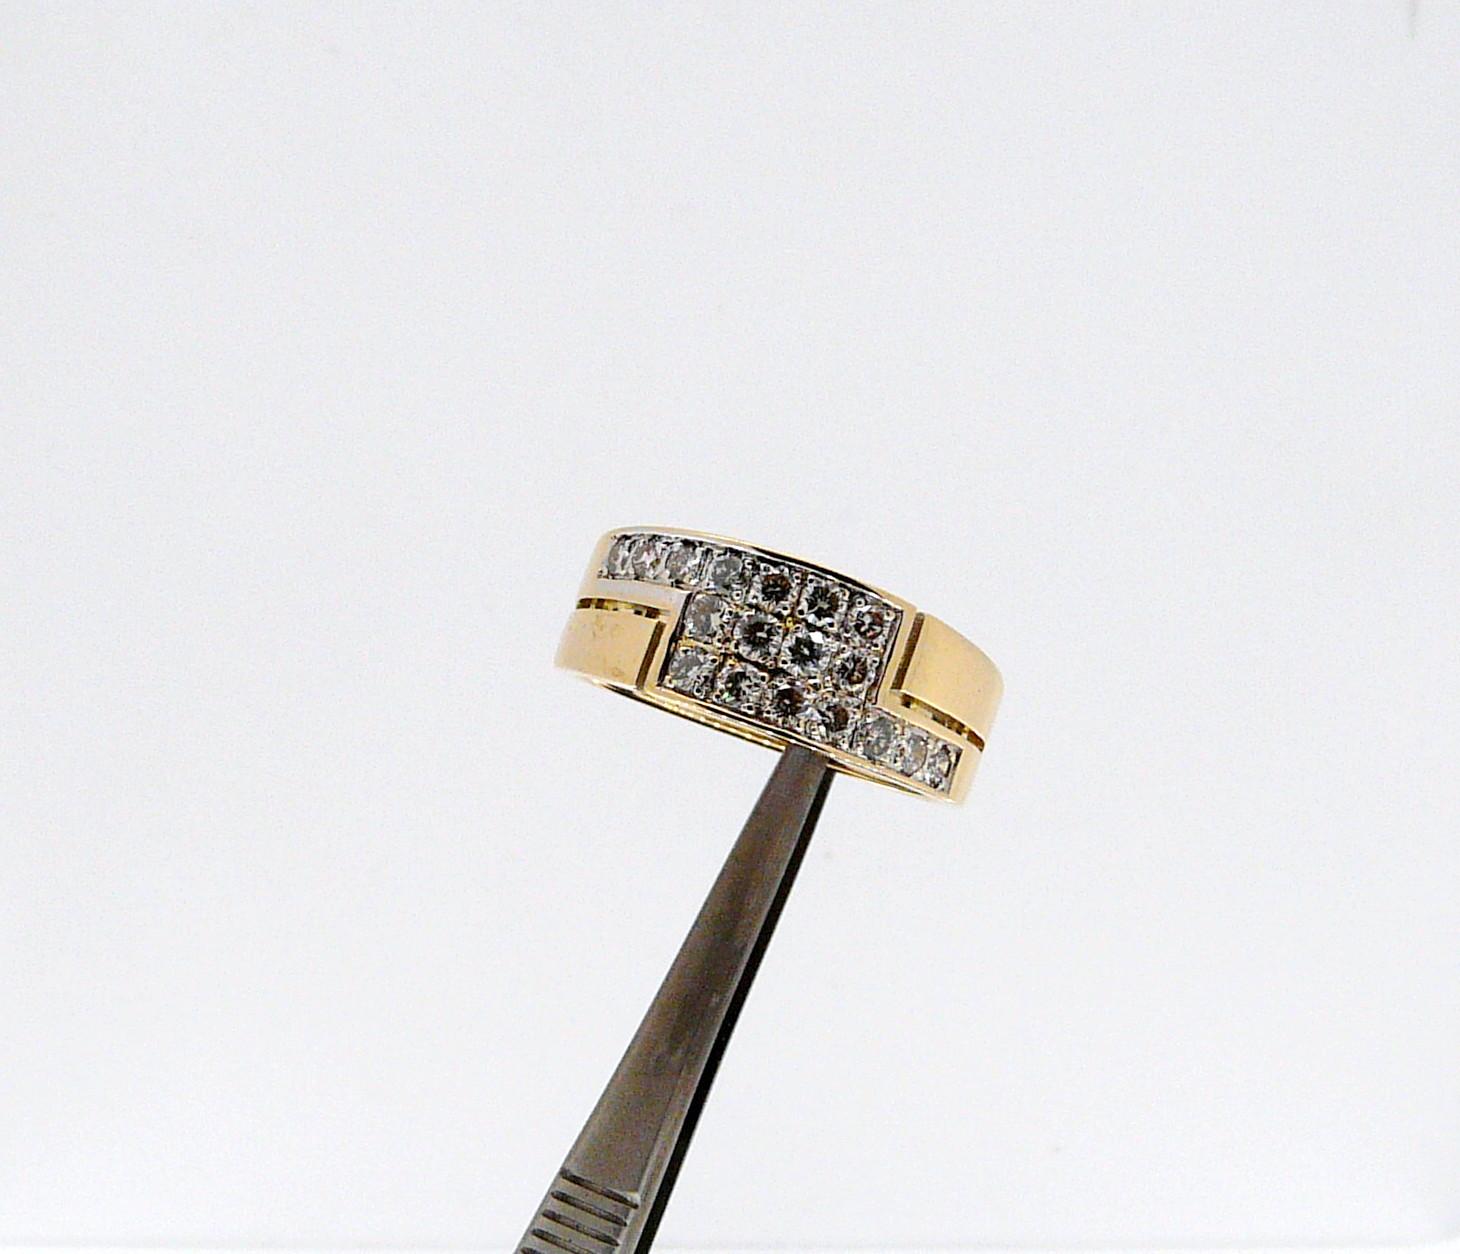 Bague Crétoise or jaune et diamants. Monciero - Nîmes